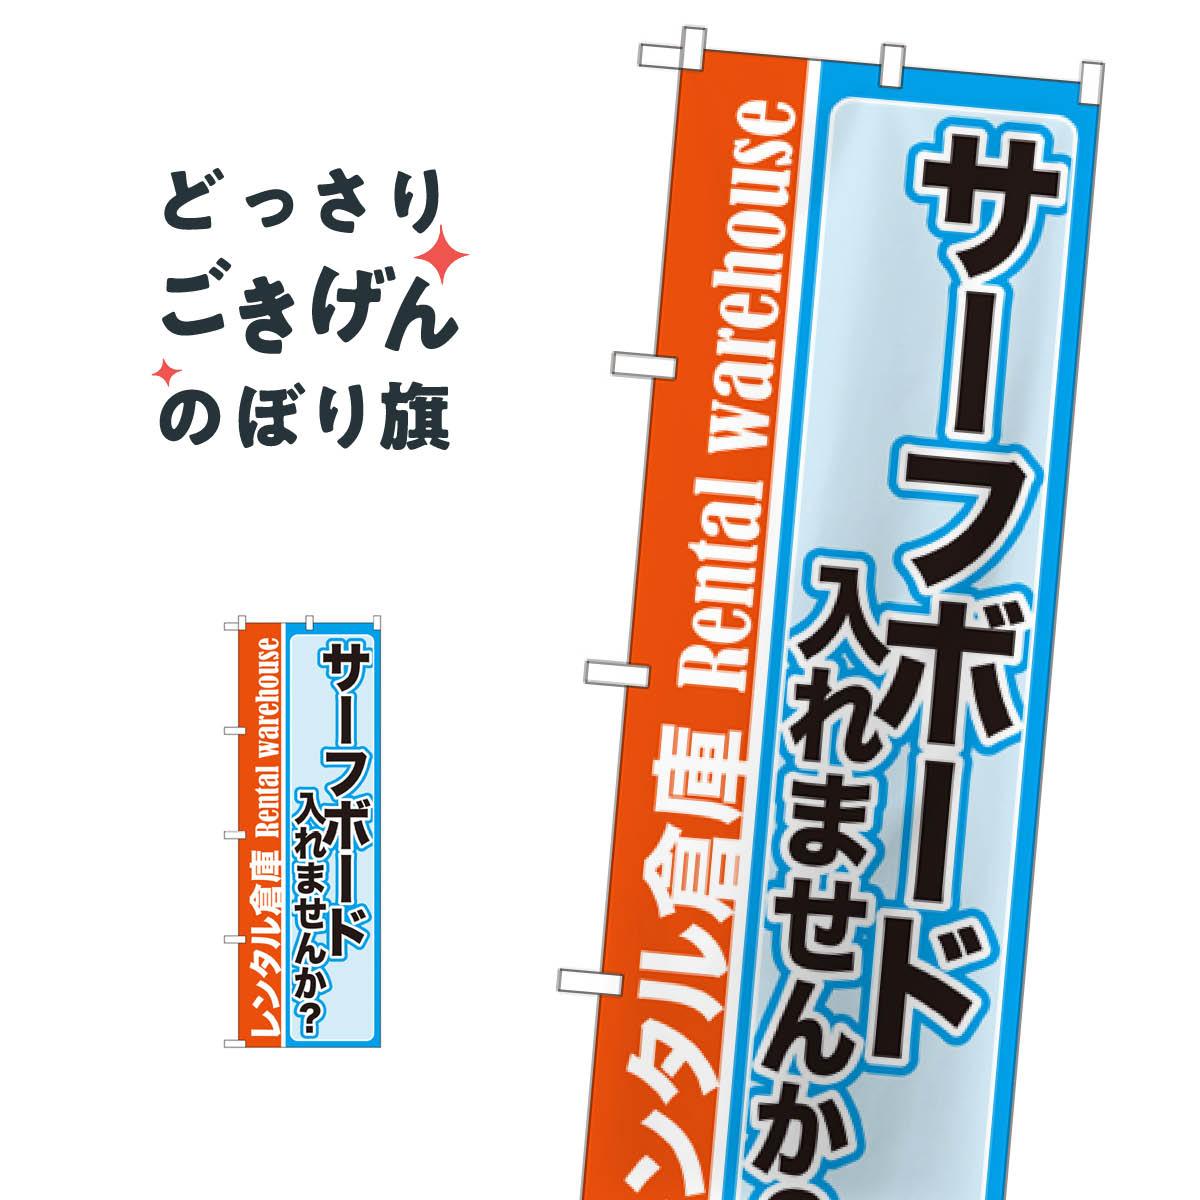 レンタル倉庫 のぼり旗 GNB-2002 貸し物件